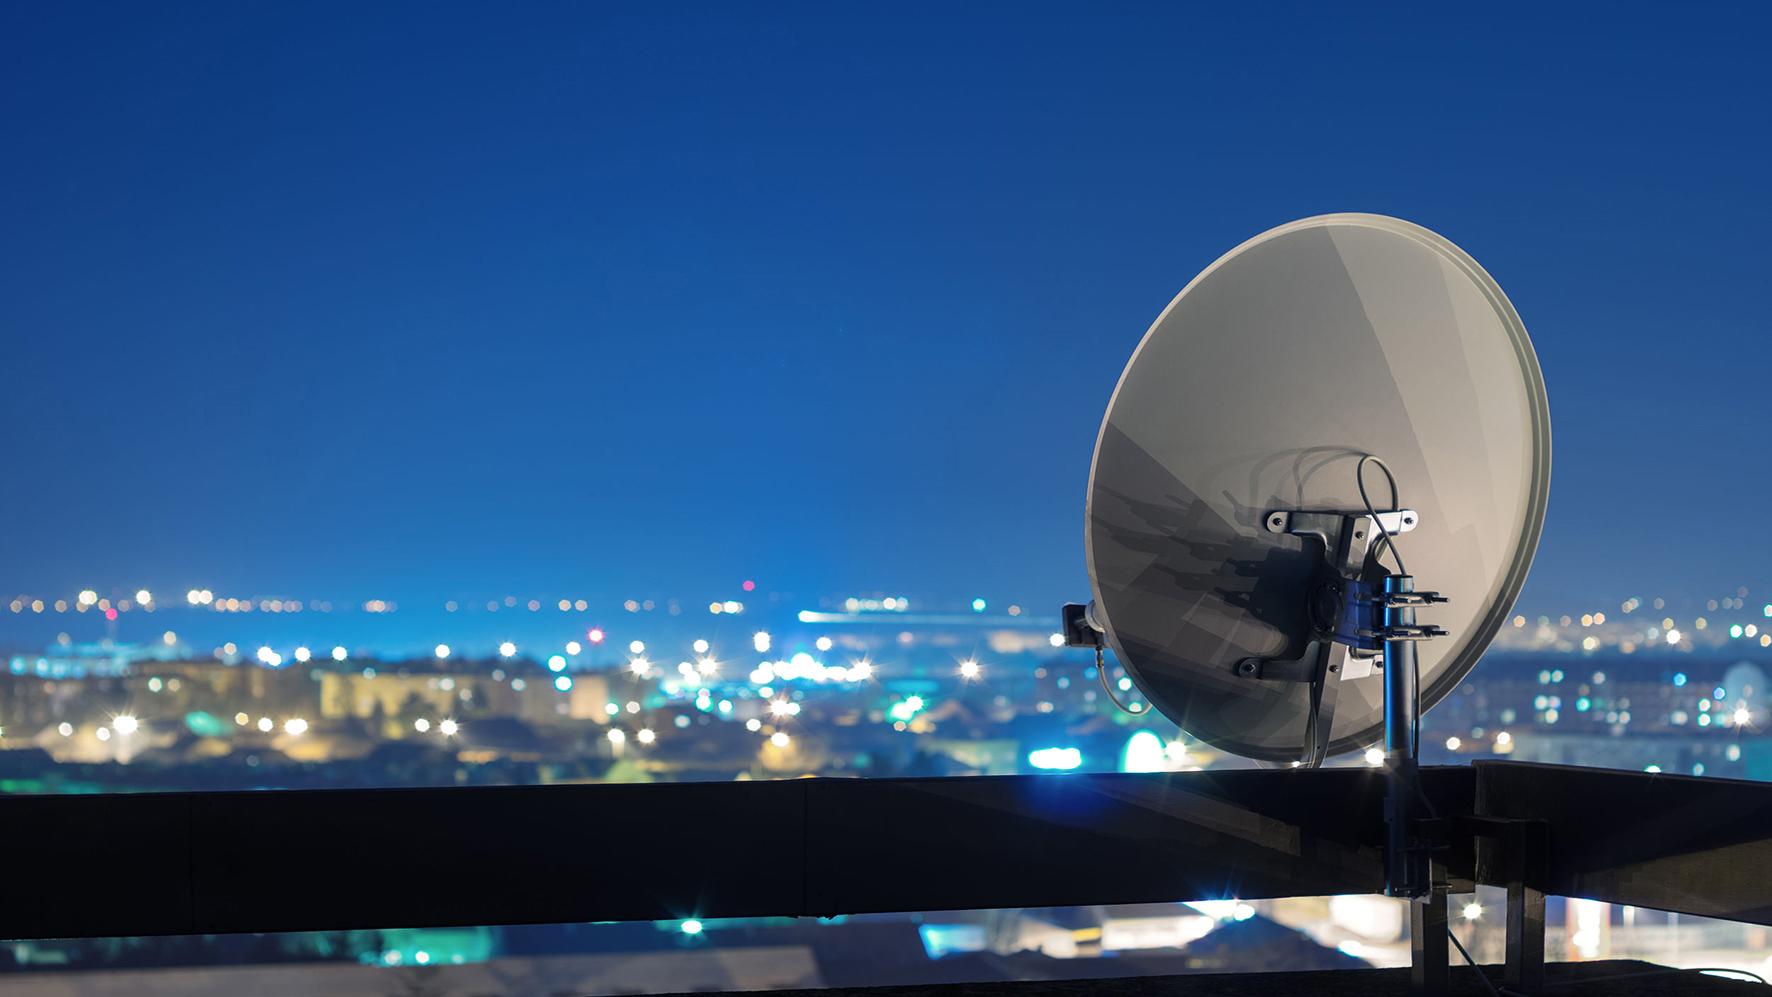 Installation antenne parabolle antenniste Caen-Deauville